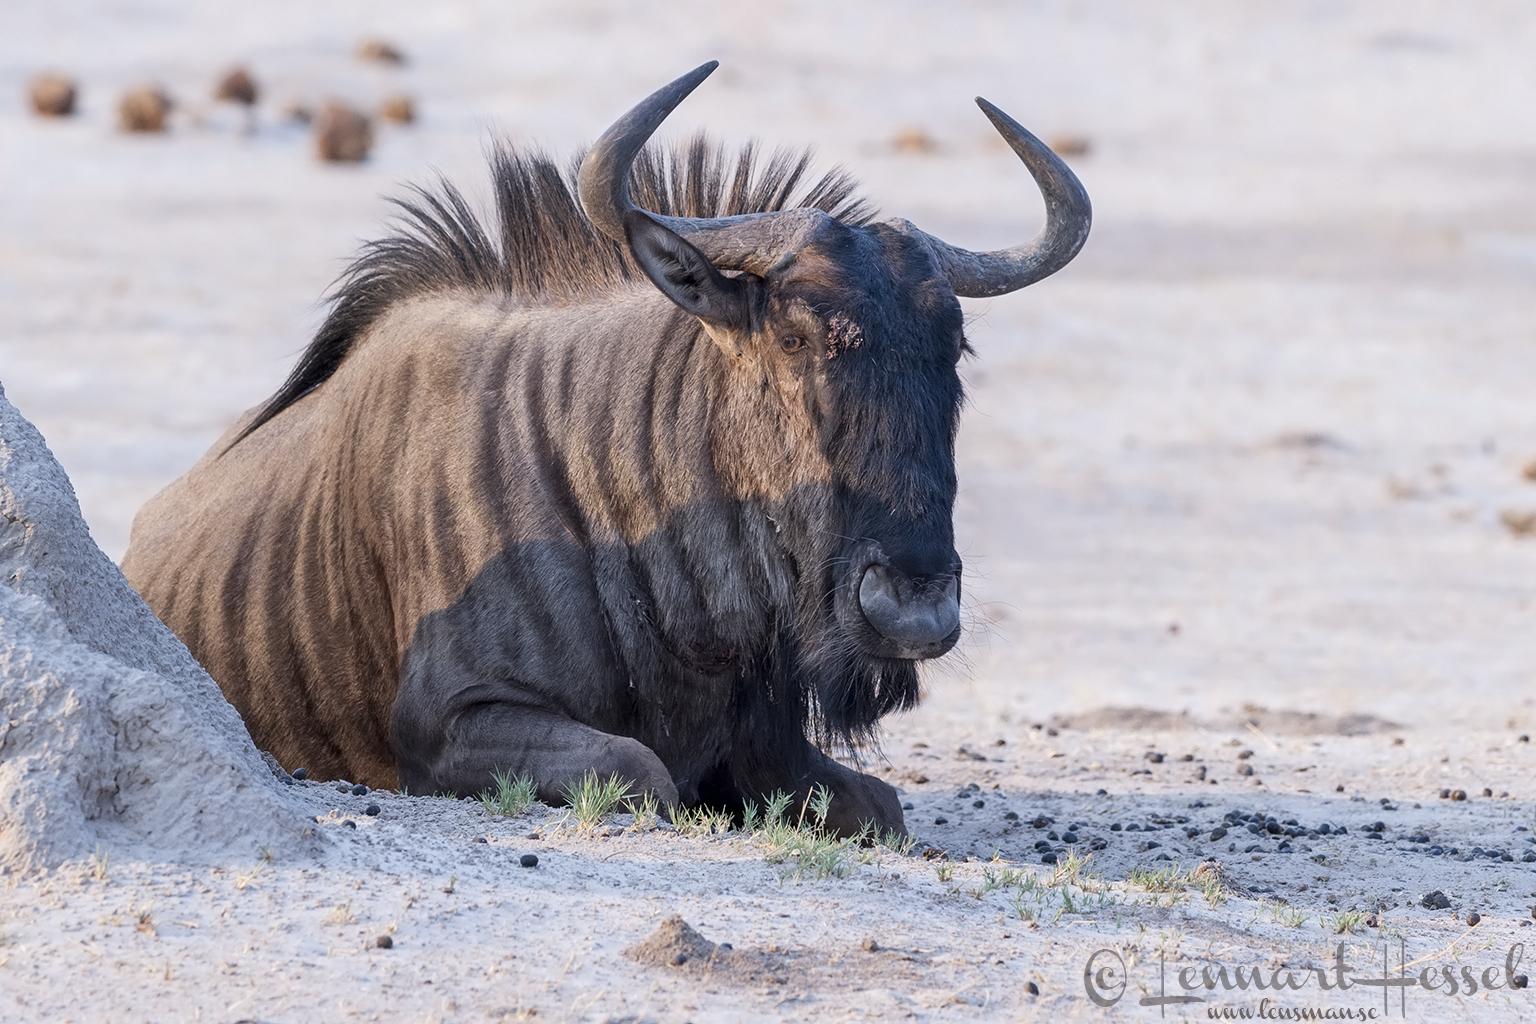 Blue Wildebeest in Savuti, Botswana